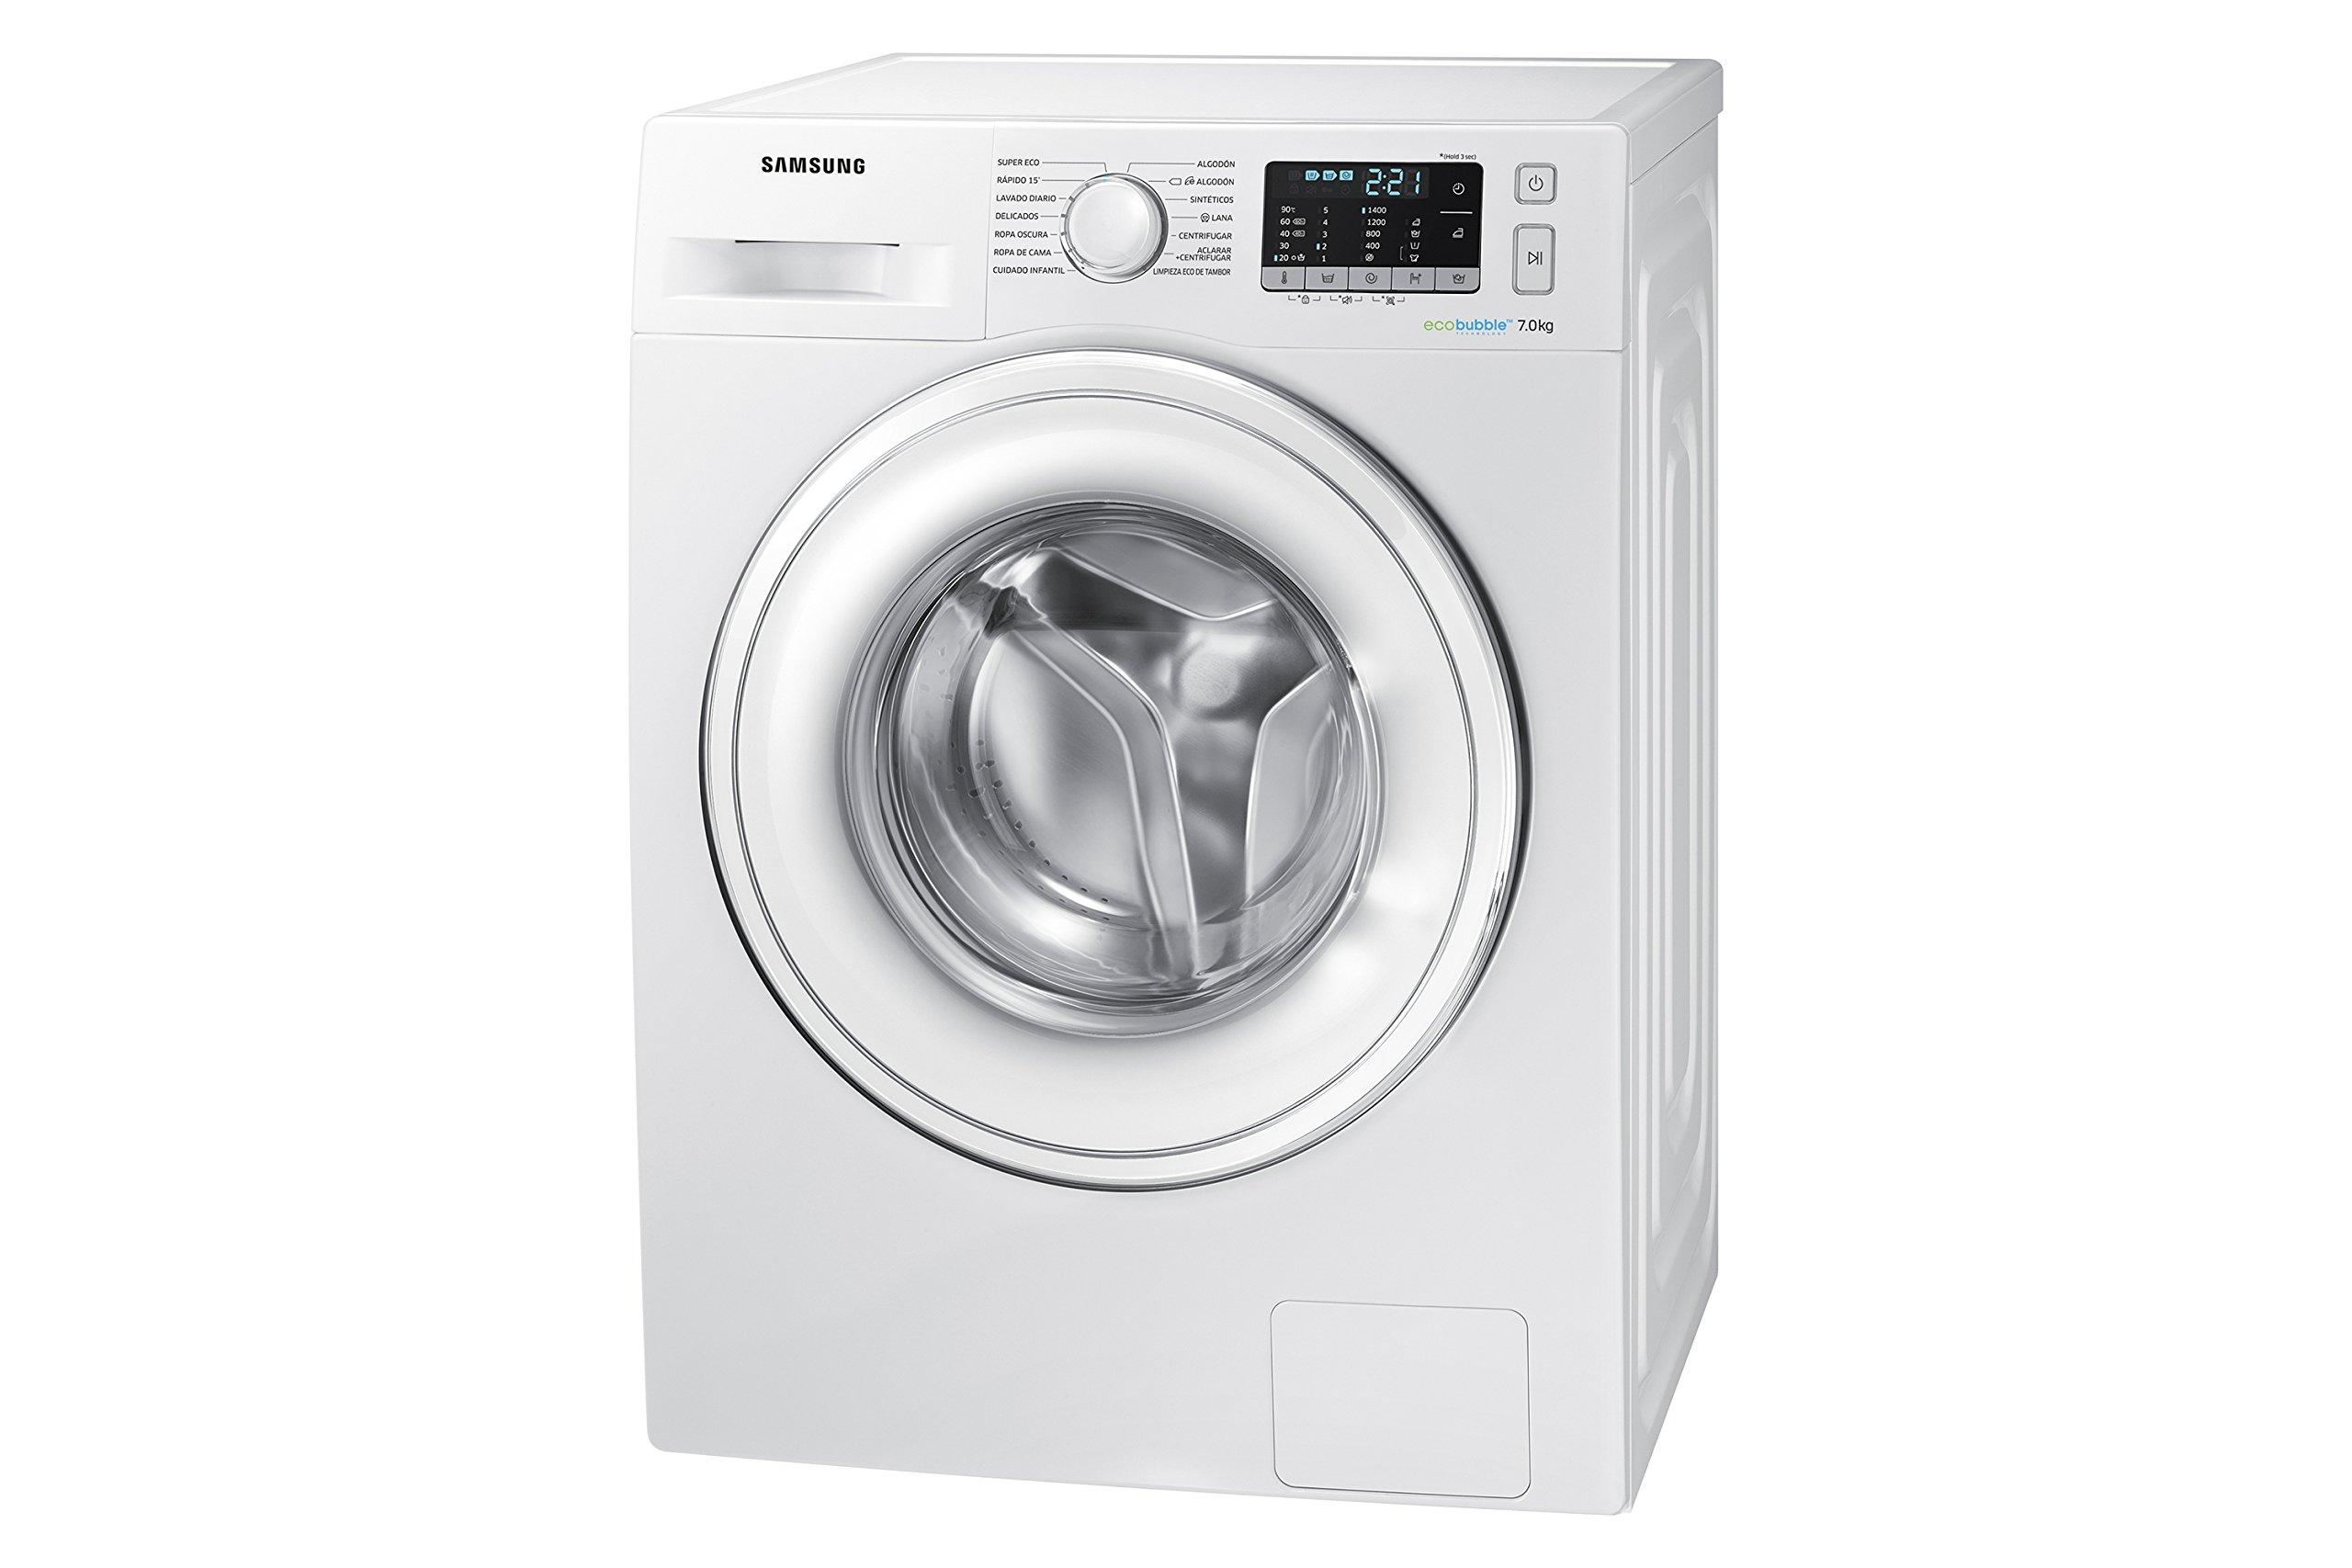 Samsung-ww70j5555dwEC-freistehend-Frontlader-7-kg-1400-Umin-A-Wei-Waschmaschine